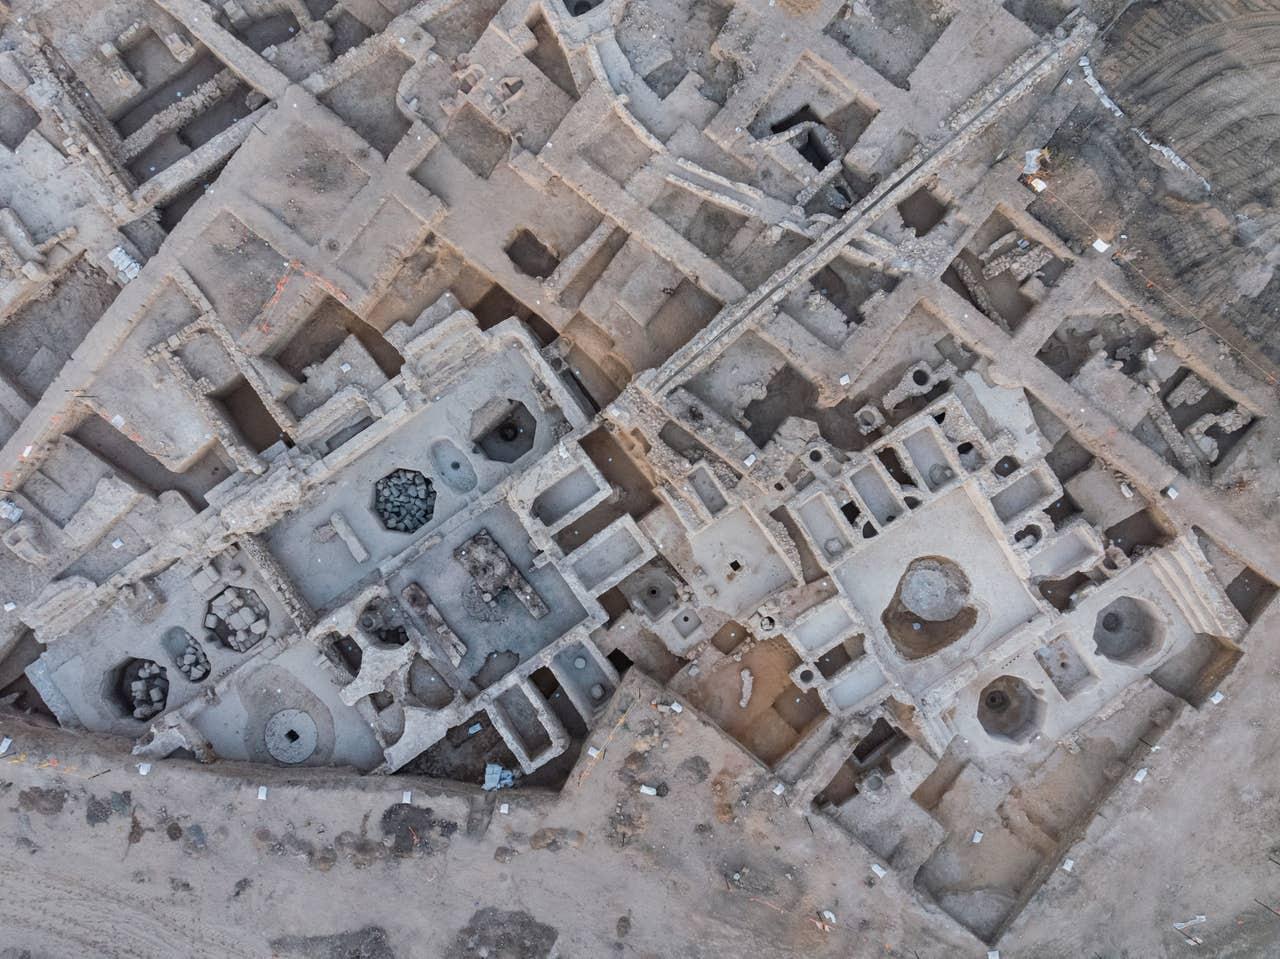 A bizánci birodalom legnagyobb borászatát tárták fel Izraelben